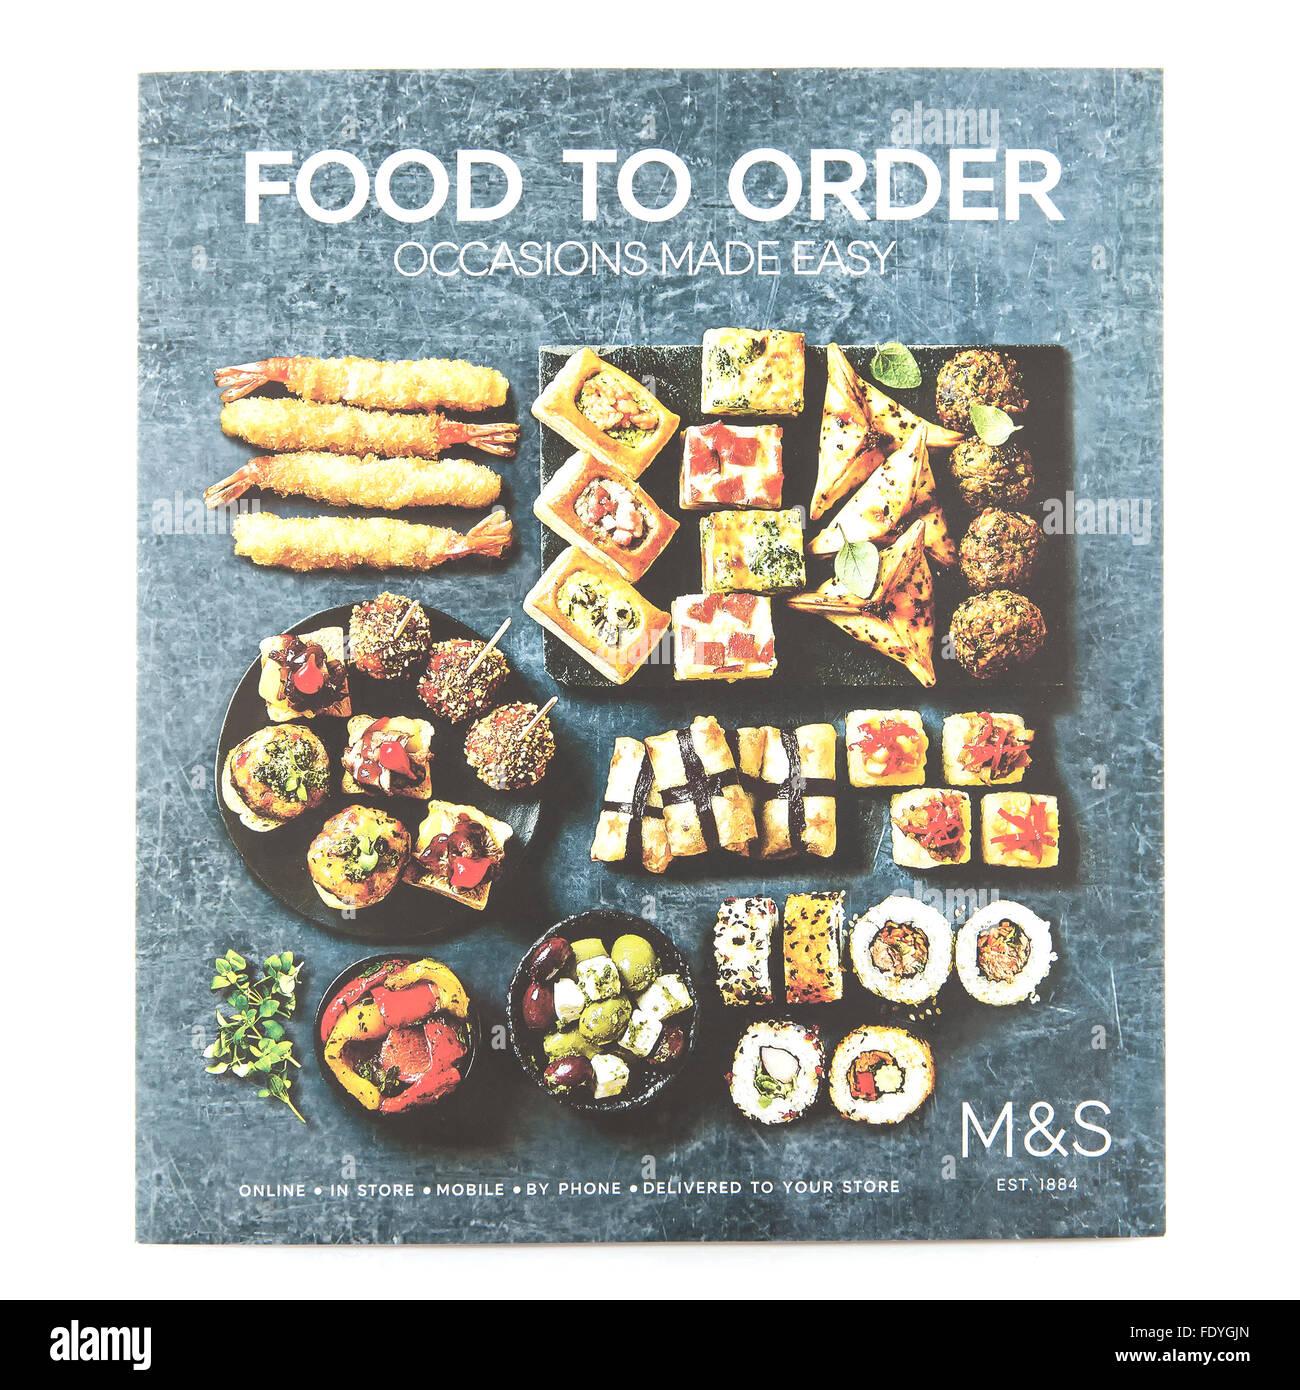 Essen auf Bestellung von Marken & Spencer - Anlässe auf einem weißen Hintergrund leicht gemacht Stockbild